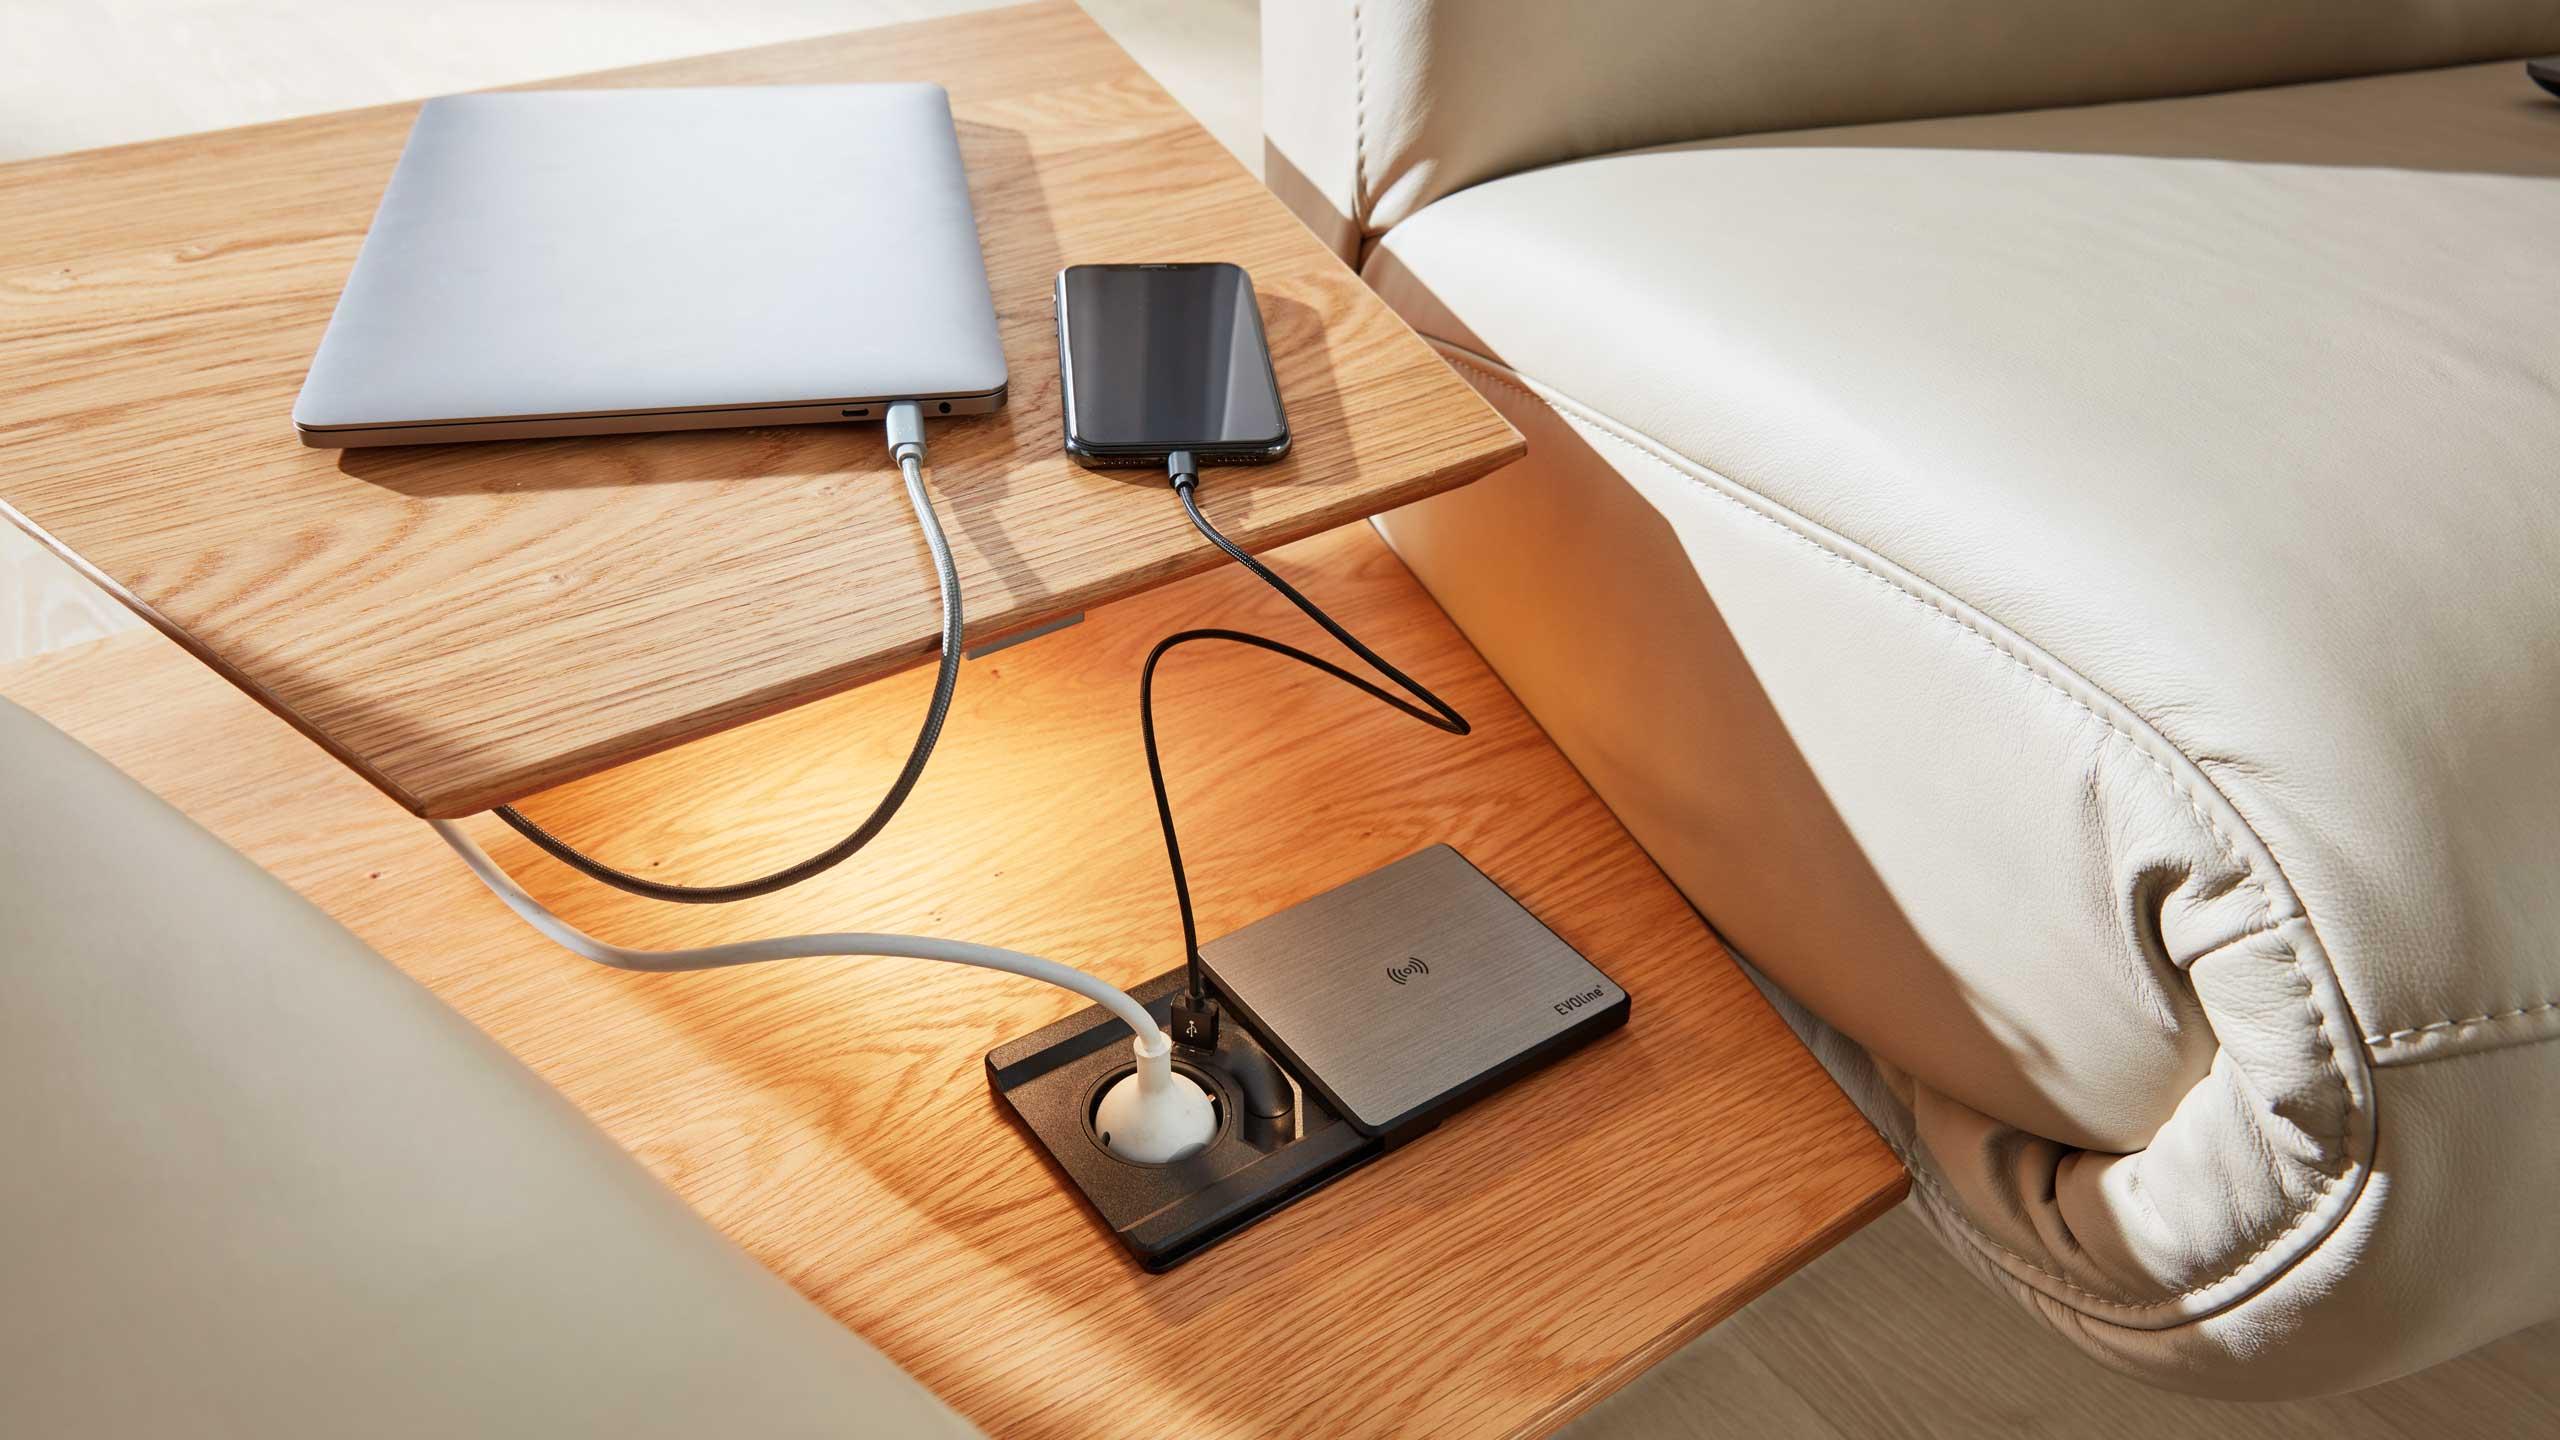 Interliving Sofa Serie 4230 mit induktiver Ladefunktion